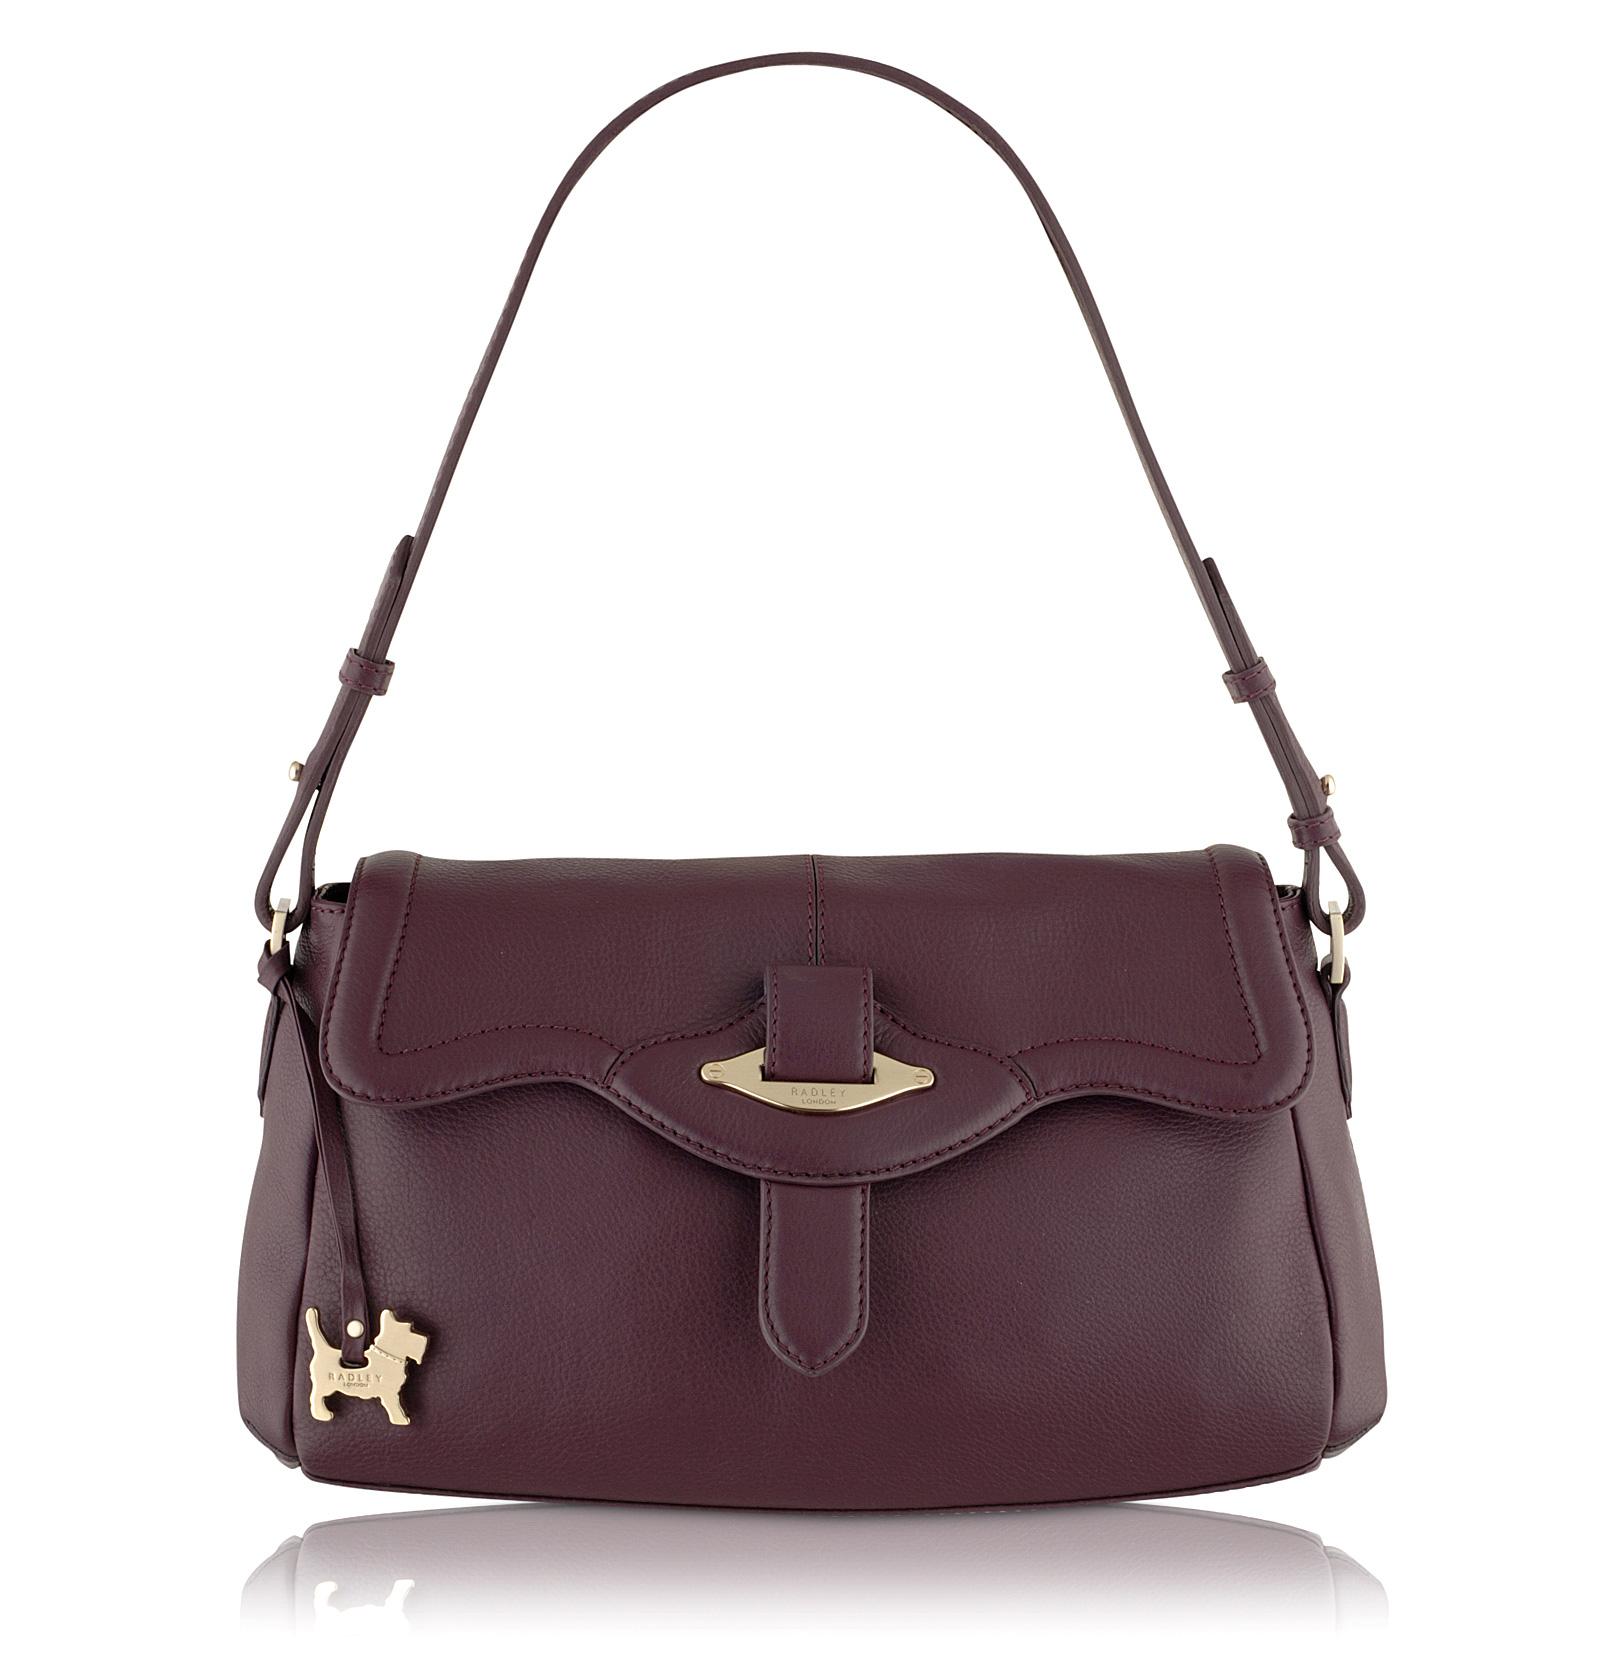 お出かけの時の必須アイテム☆女性におすすめのバッグを紹介します☆のサムネイル画像